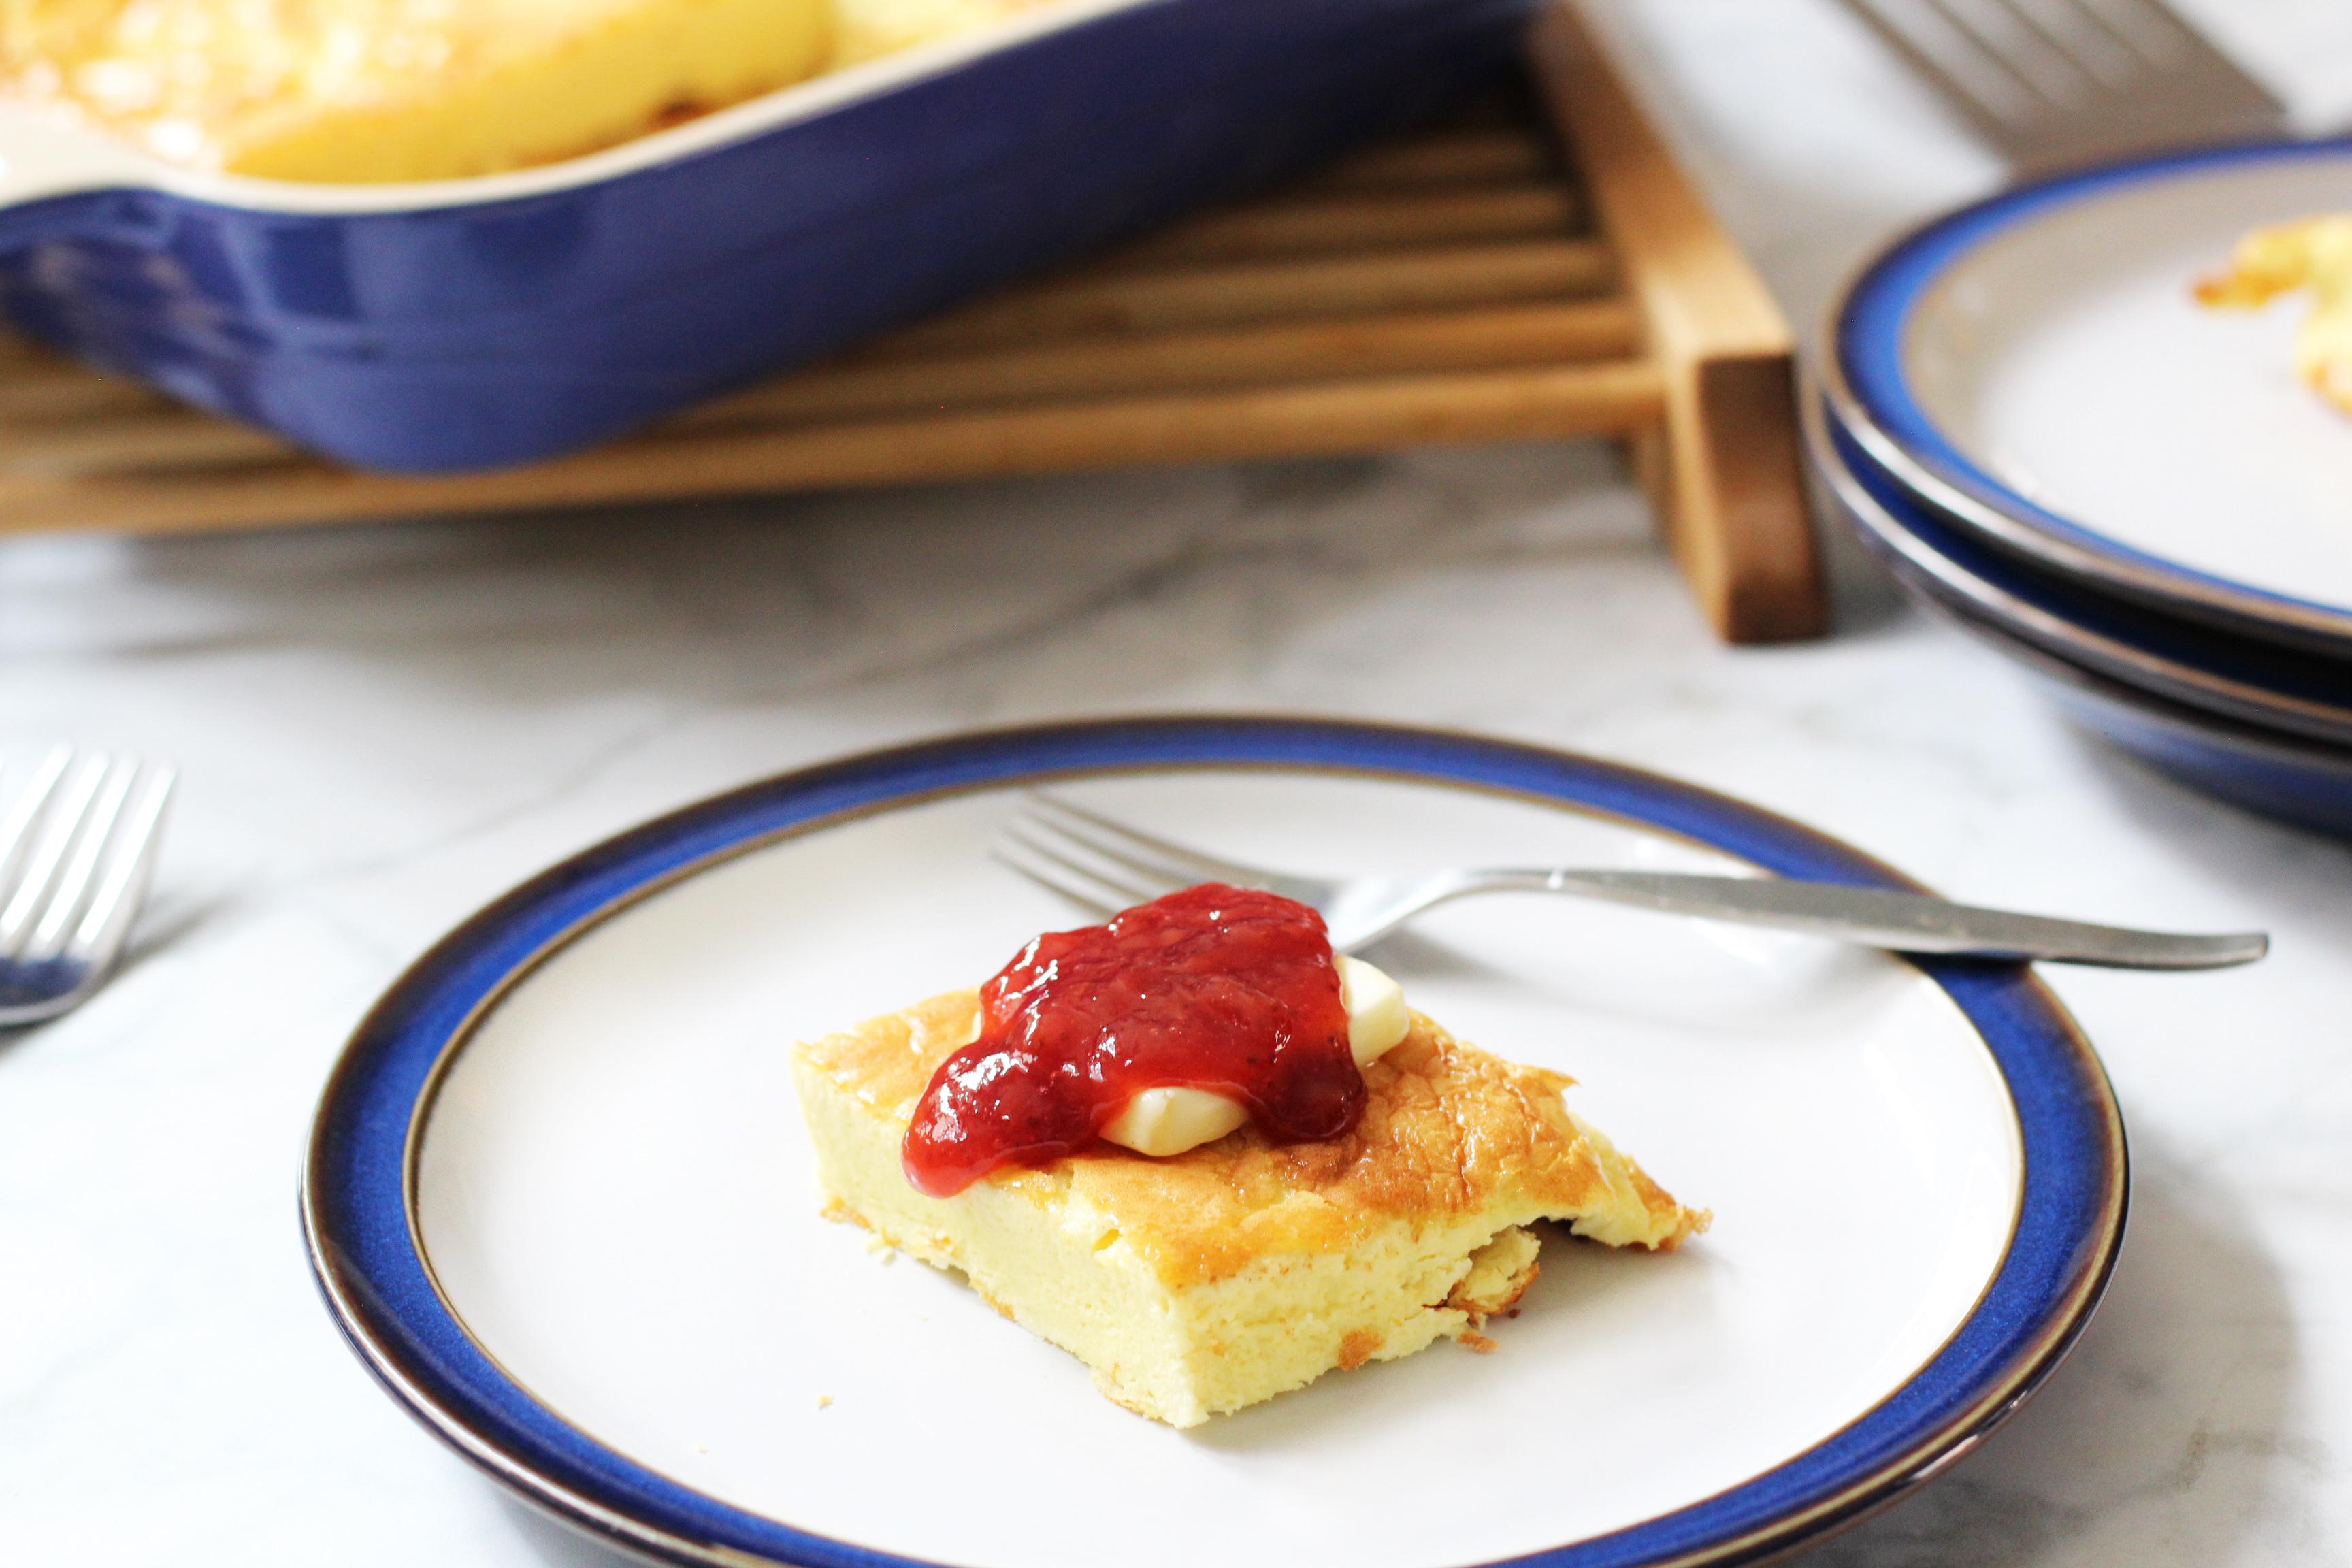 Baked Sourdough Almond Flour Pancake (Keto, Grain Free, GAPS friendly)